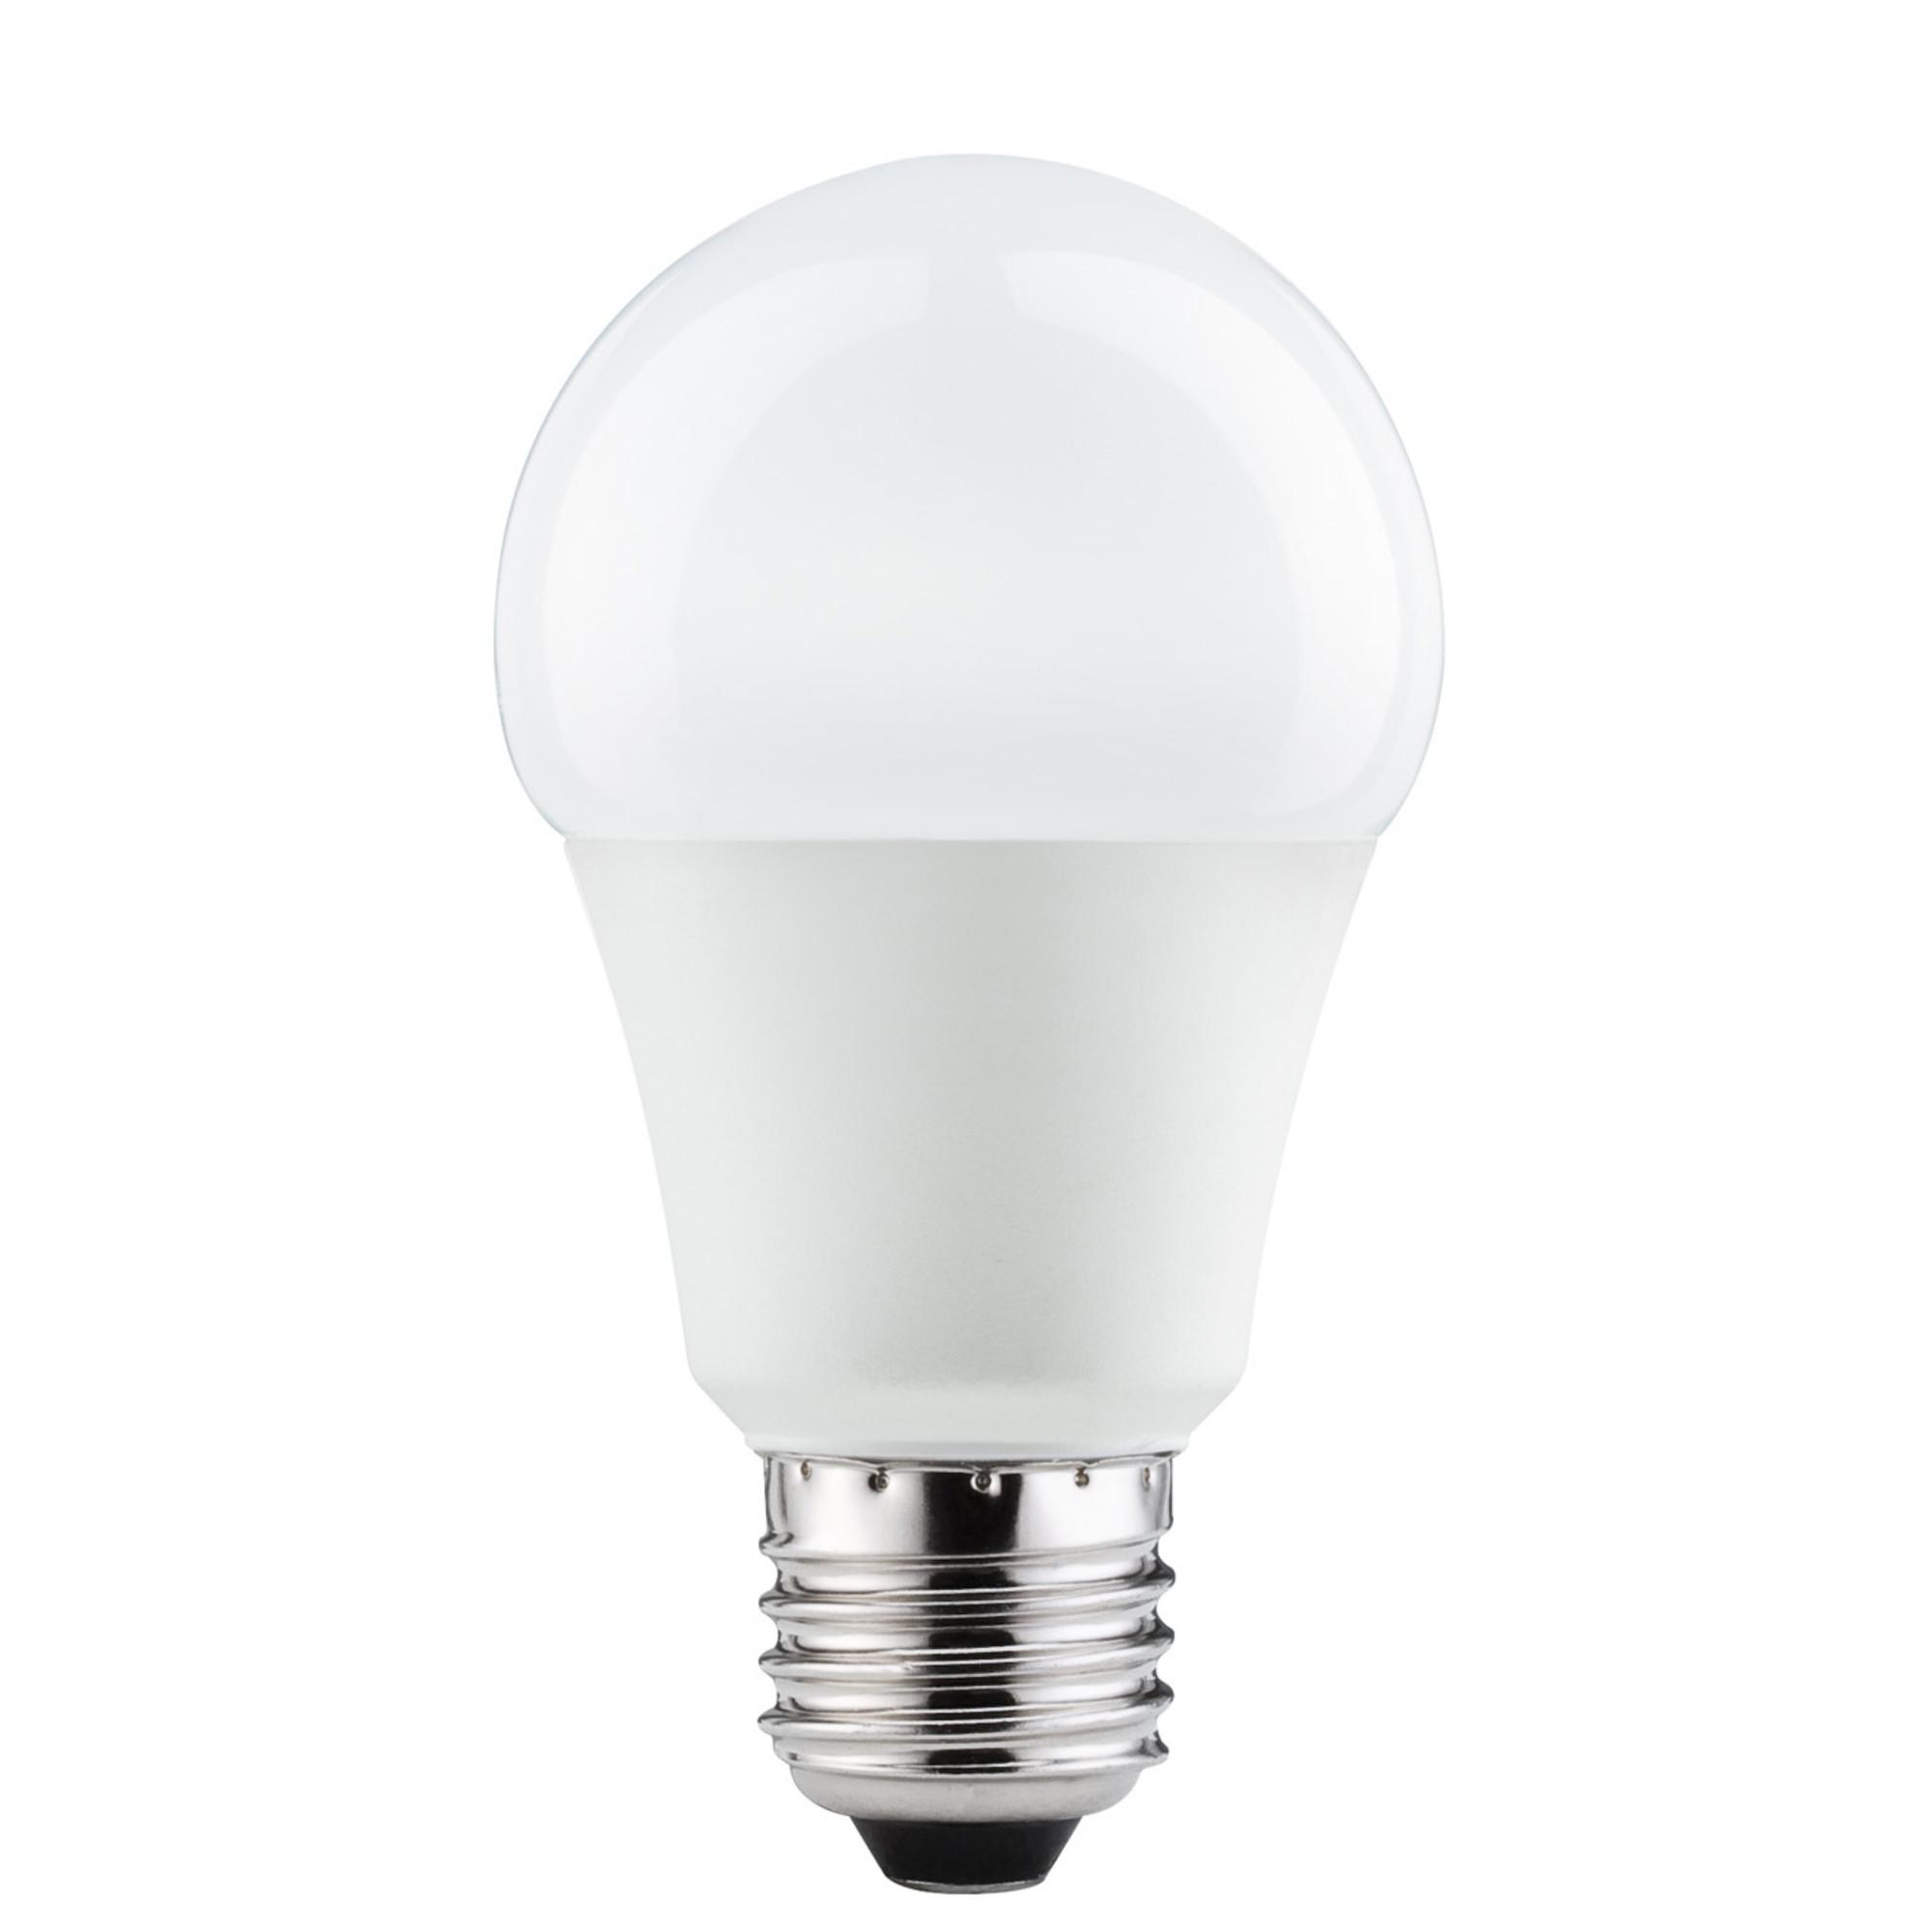 Лампа светодиодная Paulmann 28244 E27 470 Лм холодный свет